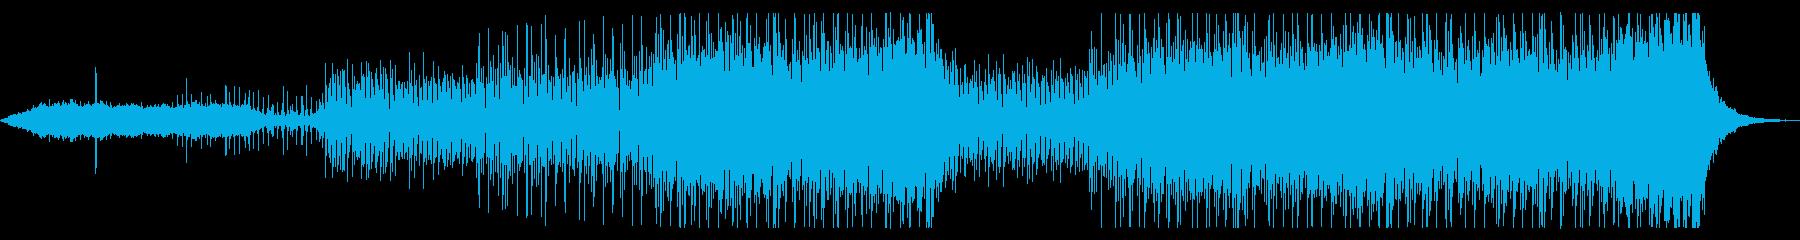 VoiceOfNatureの再生済みの波形